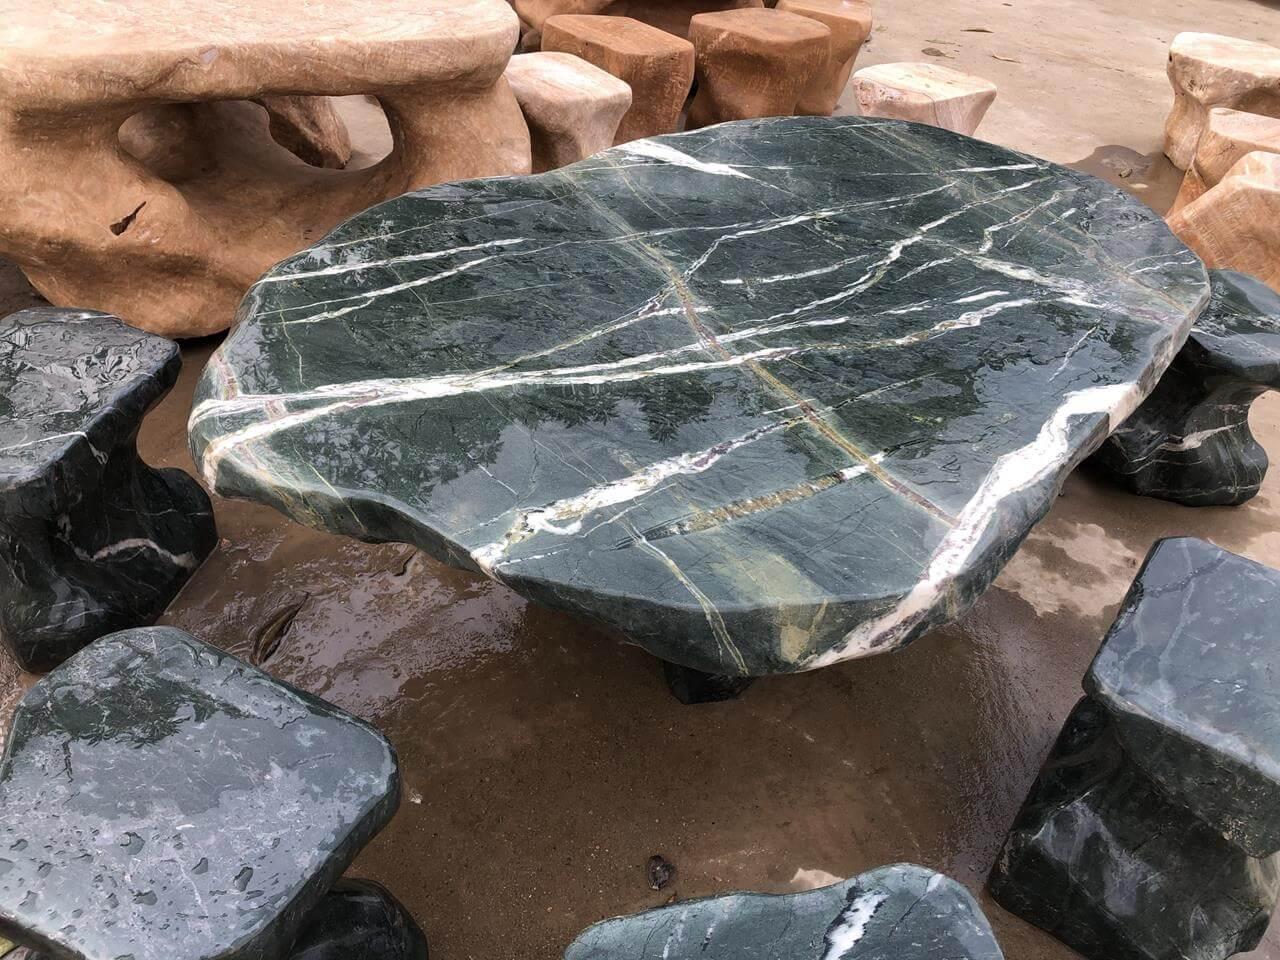 bàn ghế đá tự nhiên,bộ bàn ghế đá,bộ bàn ghế đá ngoài trời,giá bộ bàn ghế đá,bàn ghế đá nguyên khối,bàn ghế đá đẹp,bàn ghế đá hoa cương,bàn ghế đá hoa cương đẹp,bộ bàn ghế đá tự nhiên,bàn ghế đá giá rẻ,bàn ghế đá tự nhiên ninh bình,bàn ghế đá cẩm thạch,bàn ghế bằng đá,bàn ghế bằng đá tự nhiên,bàn ghế đá lục yên,bộ bàn ghế bằng đá,stone table,marble stone table,bàn ghế đá vân gỗ,bàn ghế đá